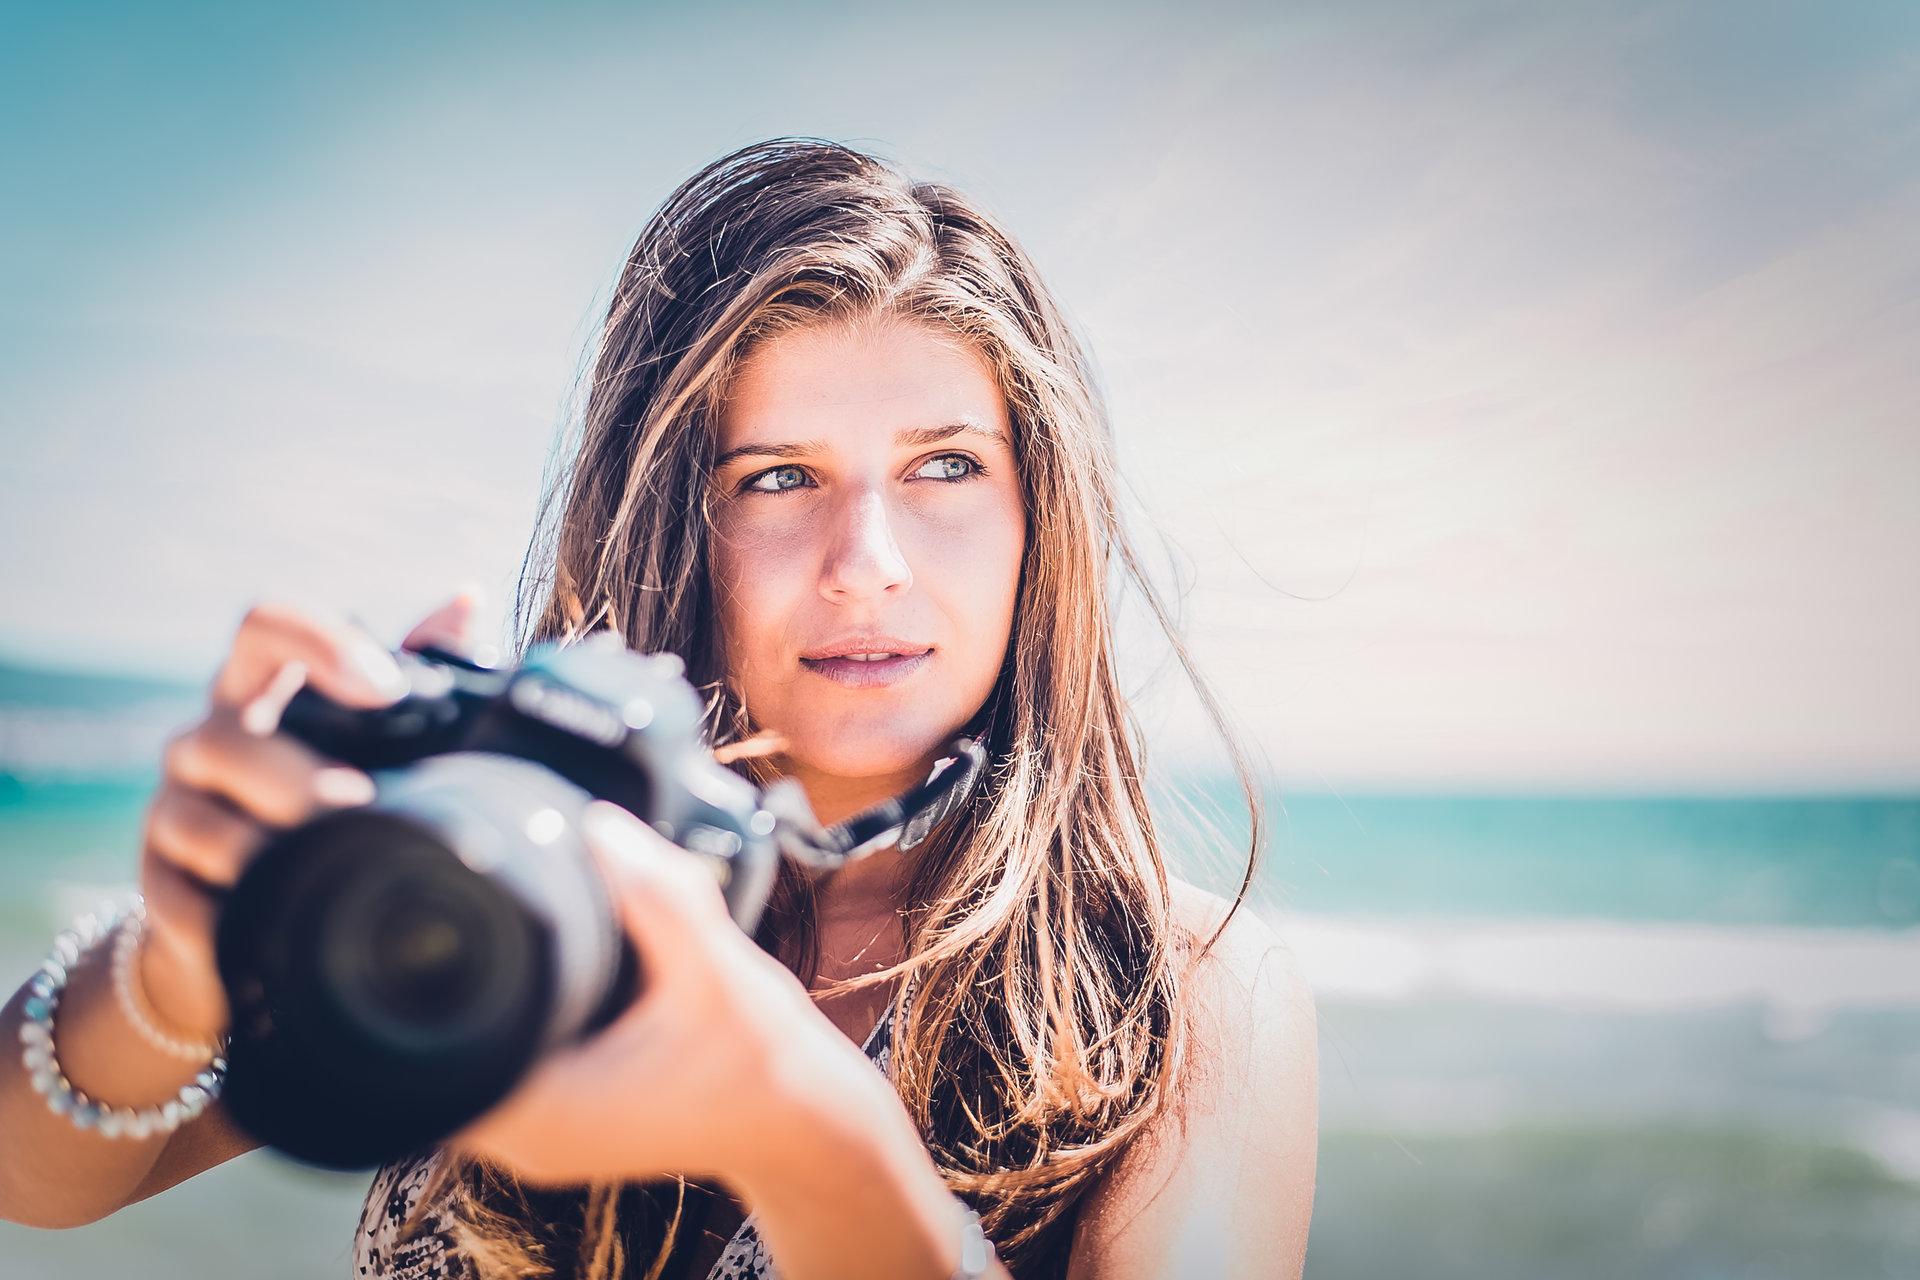 Photo in Portrait   Author Daniel Aleksandrov - blazzgrom   PHOTO FORUM